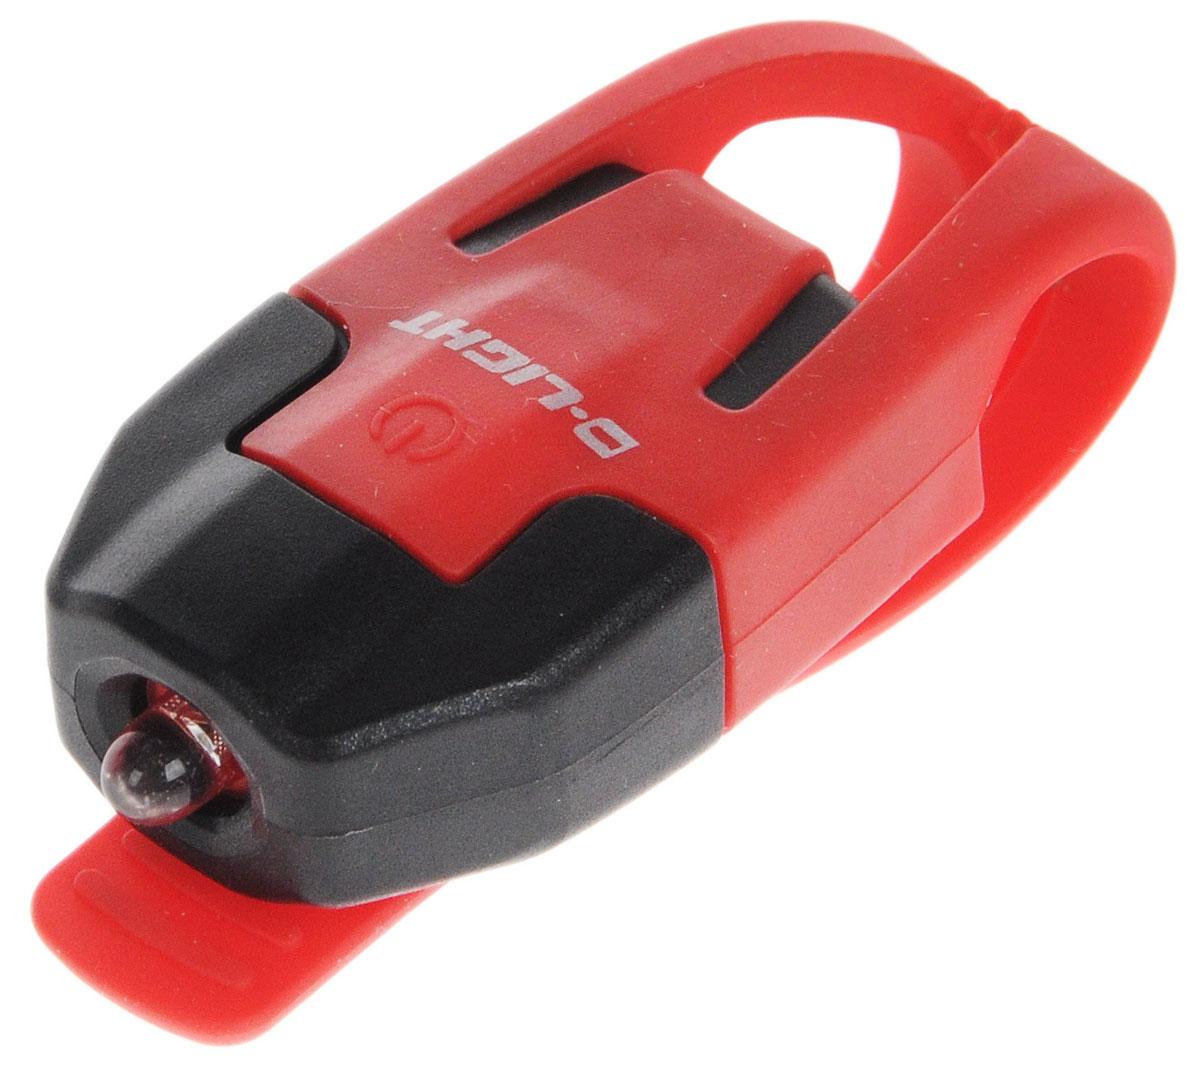 Фонарь велосипедный D-Light CG-210R, габаритный, задний, цвет: красный, черныйCG-210R-BK+RDЗадний габаритный велофонарь с рассеянным светом D-Light CG-210R предназначен для обеспечения большей безопасности при поездках в темное время суток. Он легко крепится и снимается без дополнительных инструментов на основу диаметром 18-32 мм. Корпус изделия выполнен из прочного пластика. Фонарь имеет 2 режима: мигание и постоянное свечение. Изделие водонепроницаемо. Фонарь питается от 1 батареи типа CR2032 (входит в комплект). Время свечения: 45 ч. Время мигания: 85 ч. Размер фонаря (без учета крепления): 4 х 2,5 х 1,3 см.